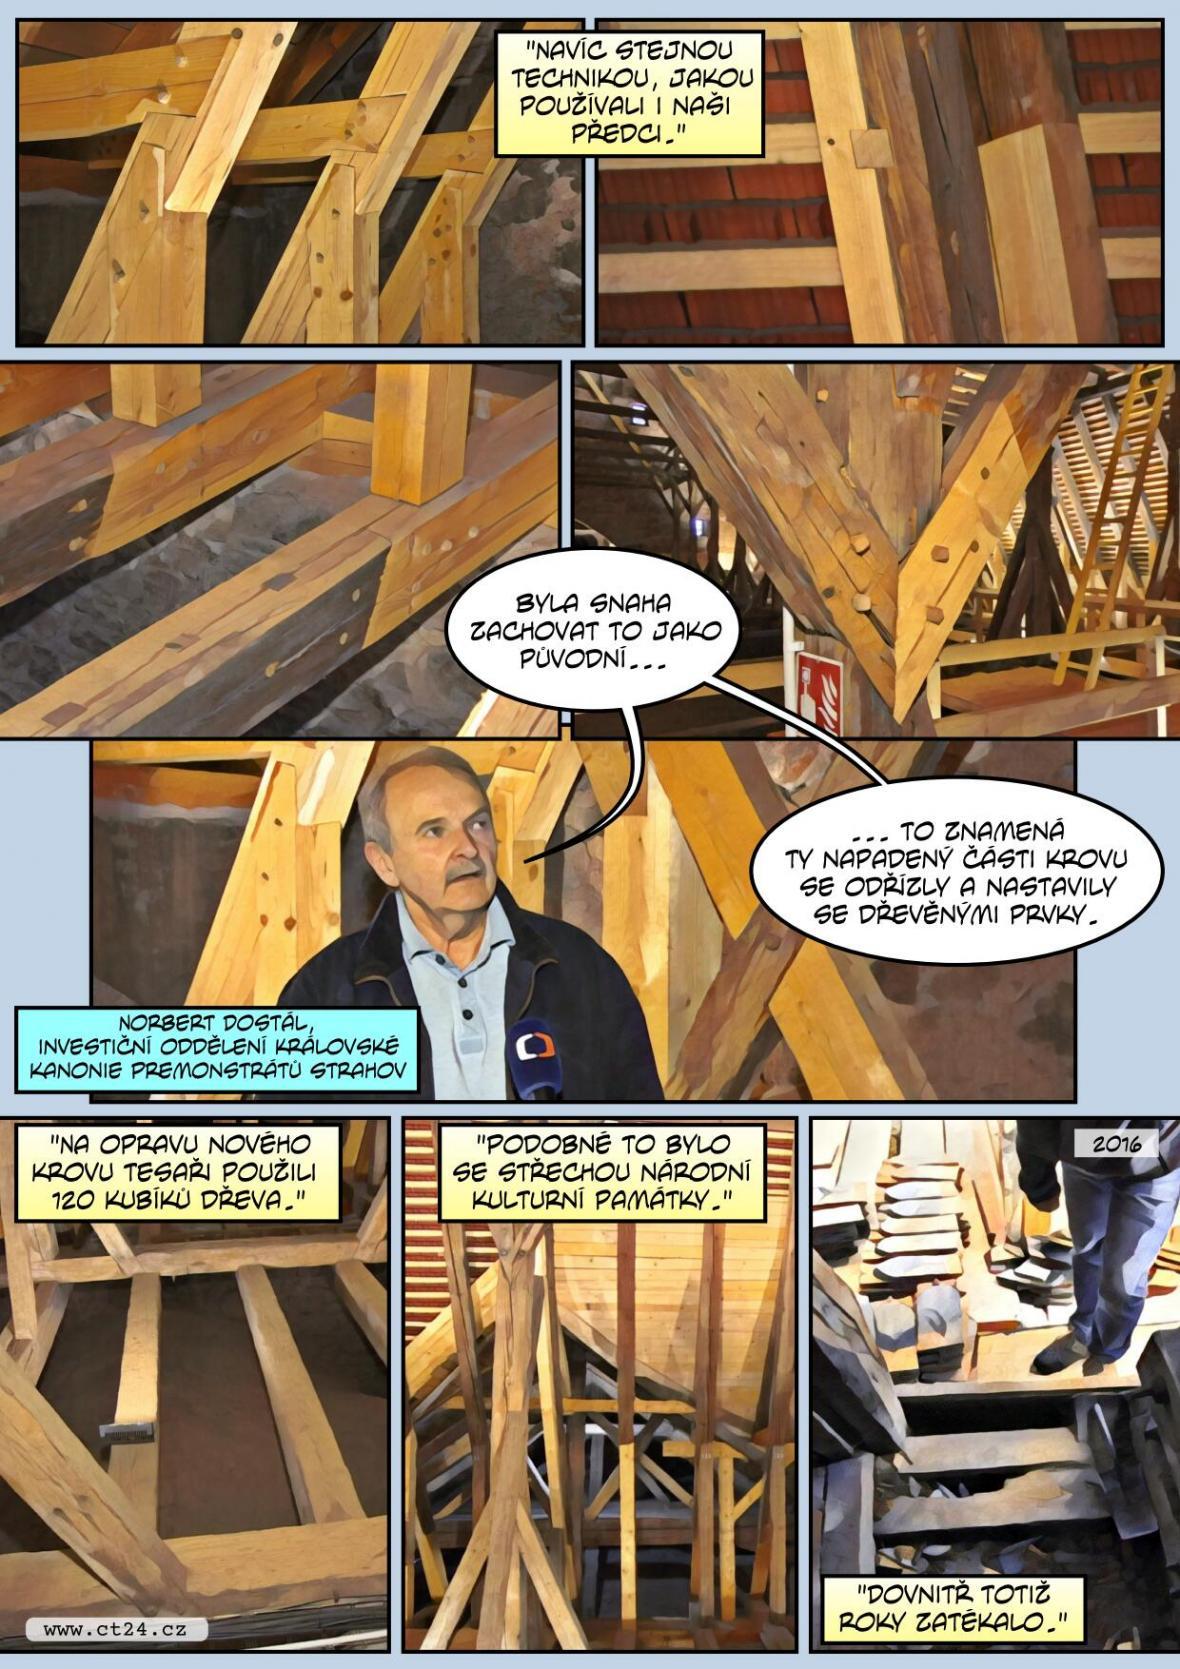 Kostel láká na středověké krovy